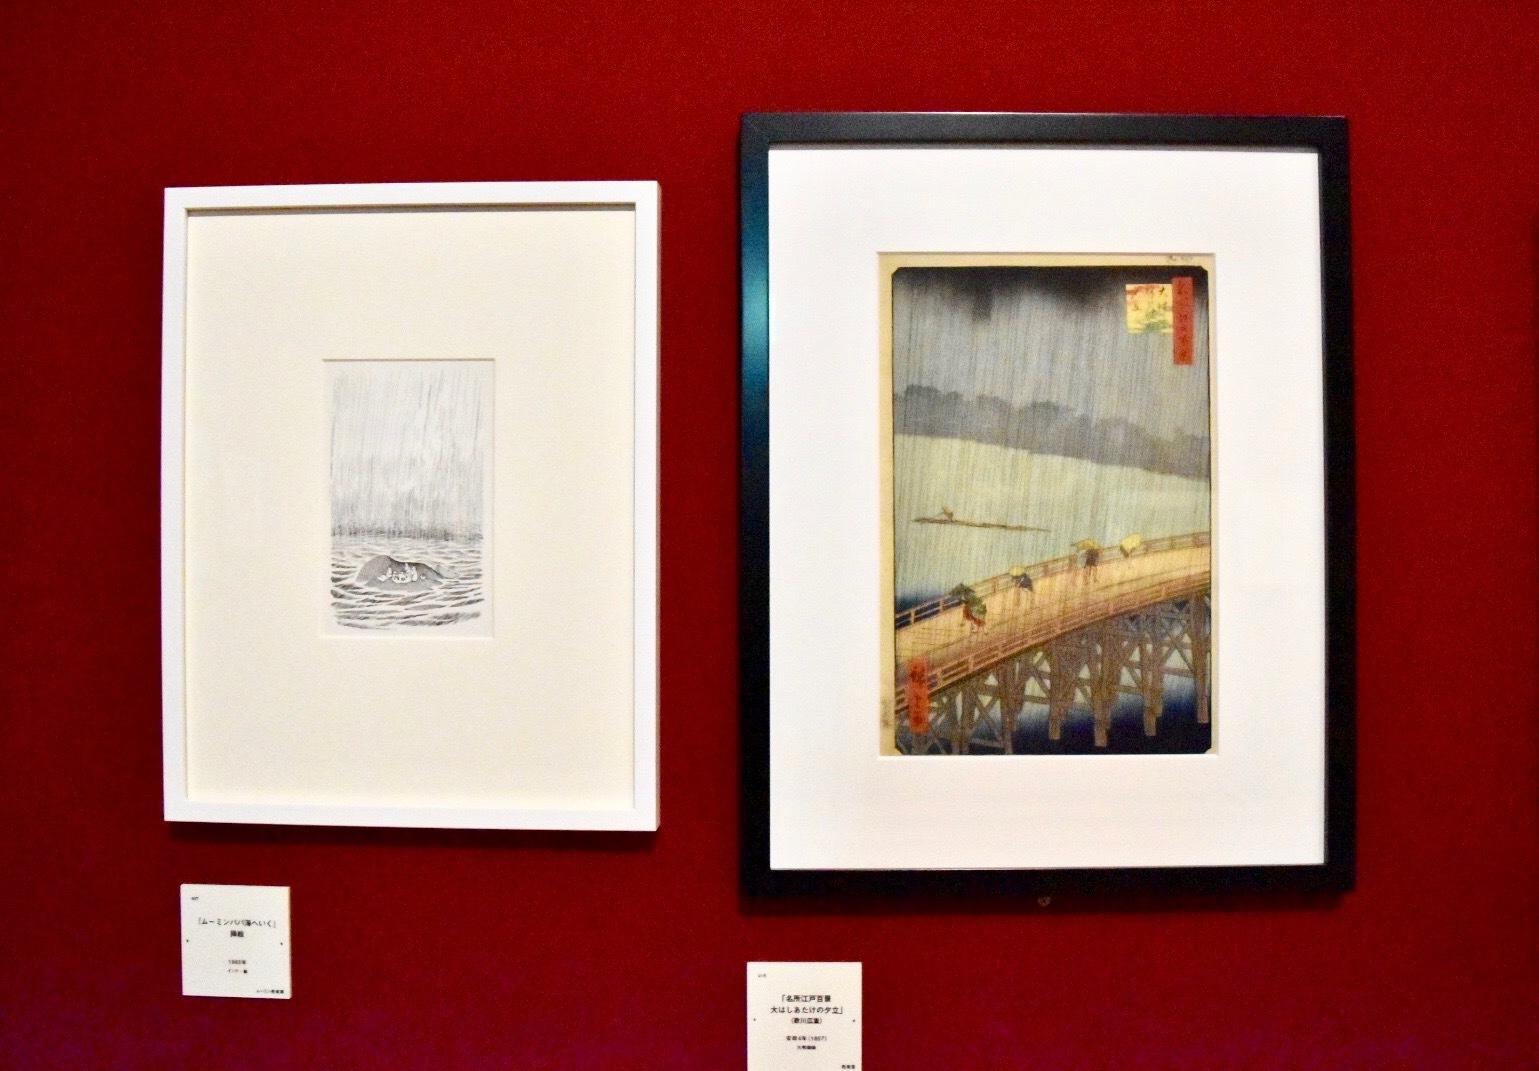 左:「ムーミンパパ海へいく」挿絵 1965年 ムーミン美術館 右:「名所江戸百景 大はしあたけの夕立」(歌川広重) 安政4年(1857) 西楽堂